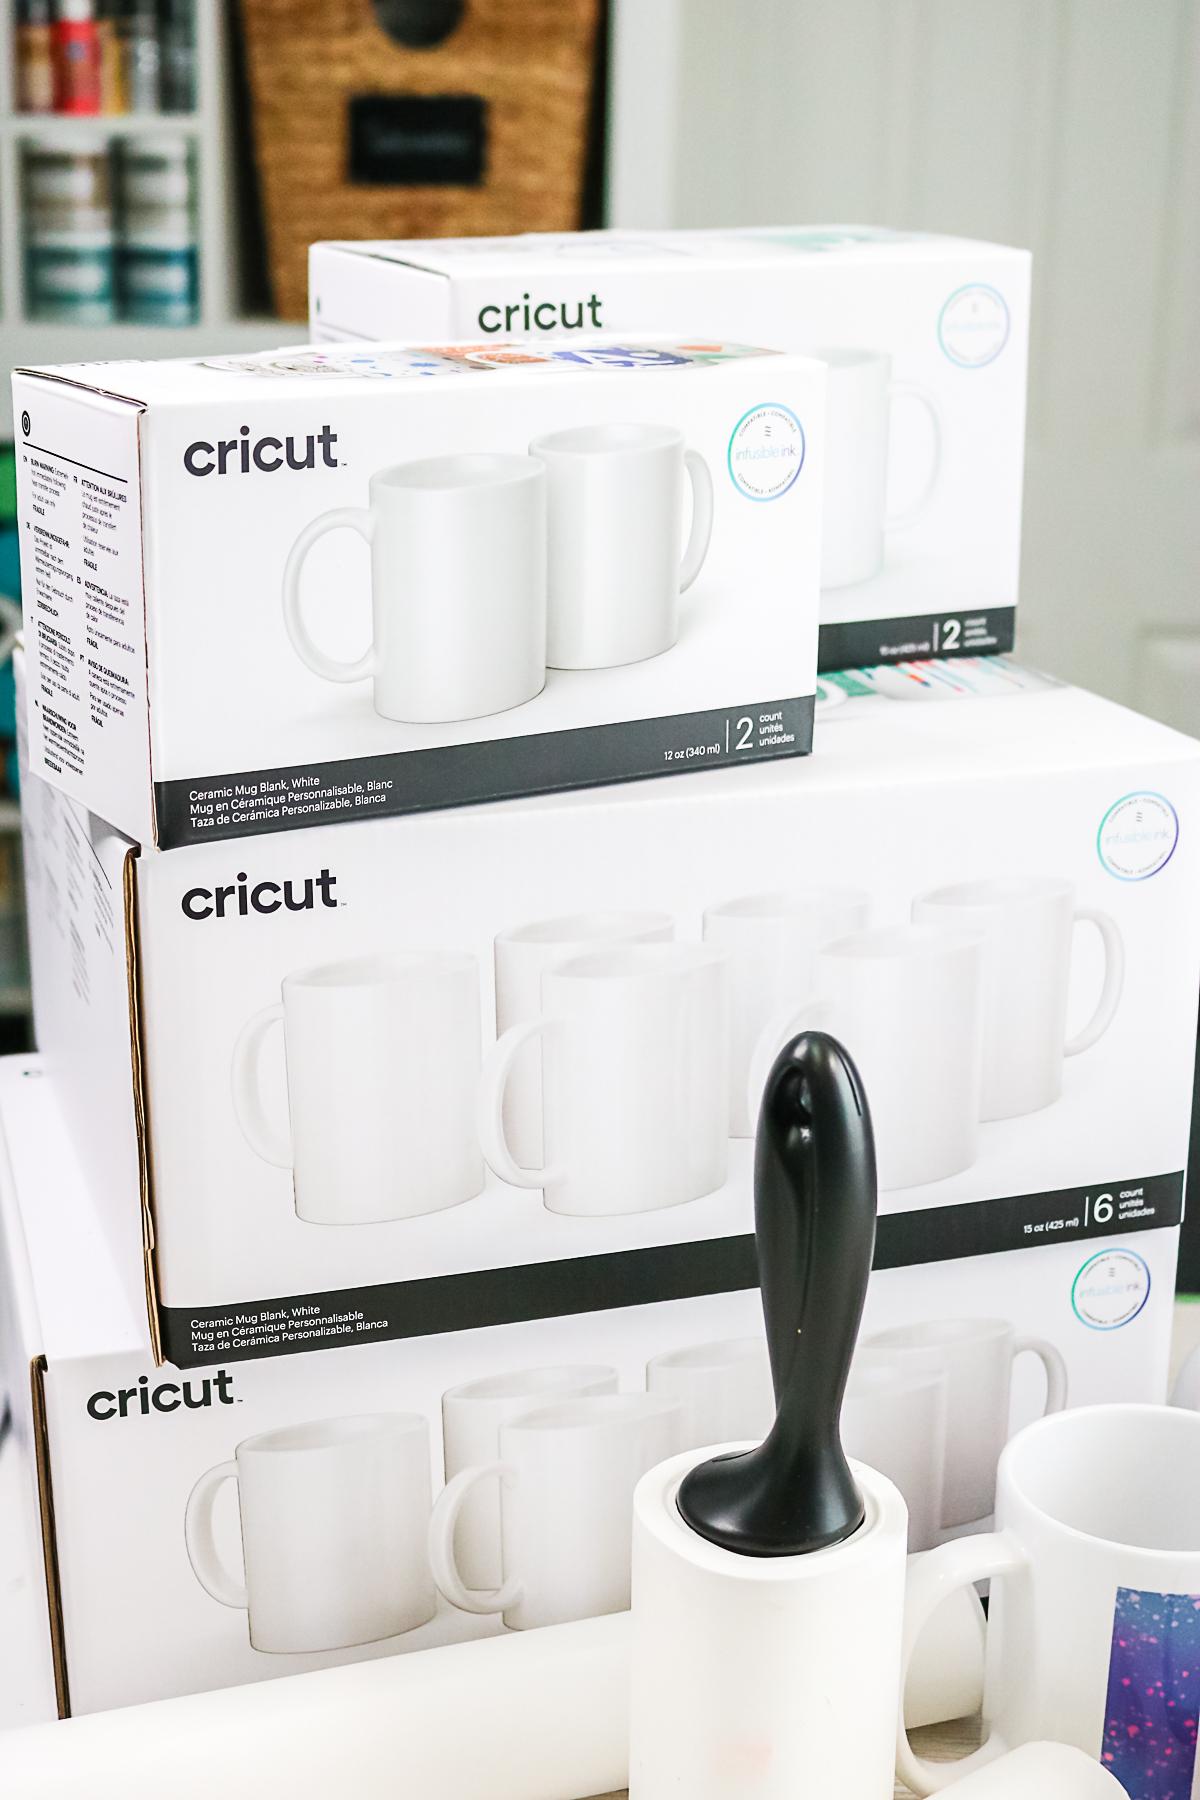 cricut mugs in a box